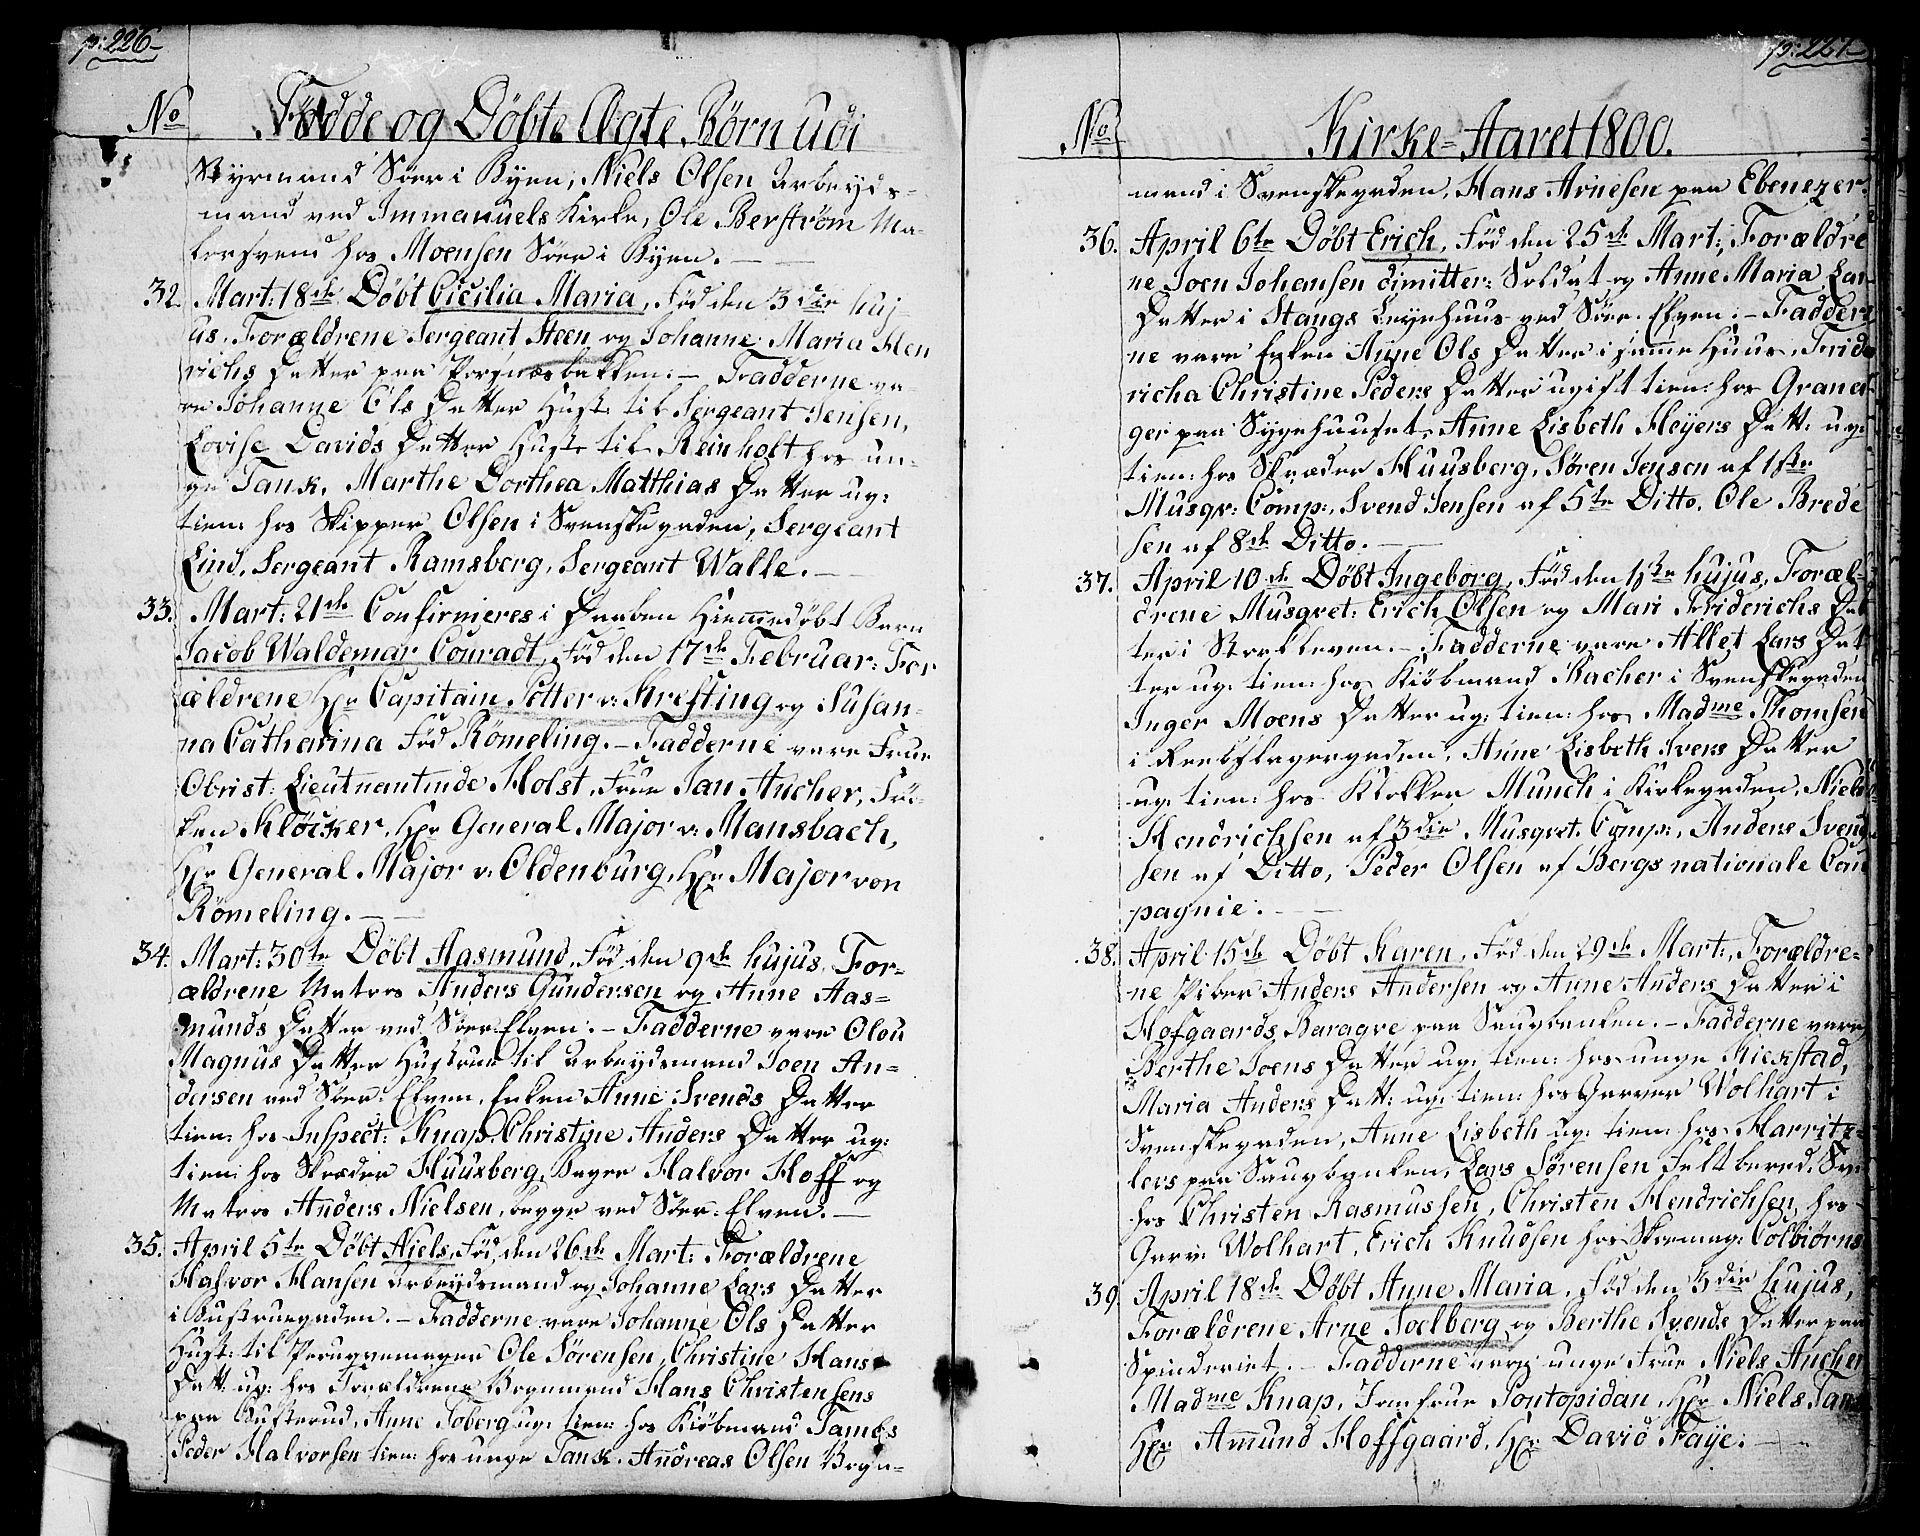 SAO, Halden prestekontor Kirkebøker, F/Fa/L0002: Ministerialbok nr. I 2, 1792-1812, s. 226-227